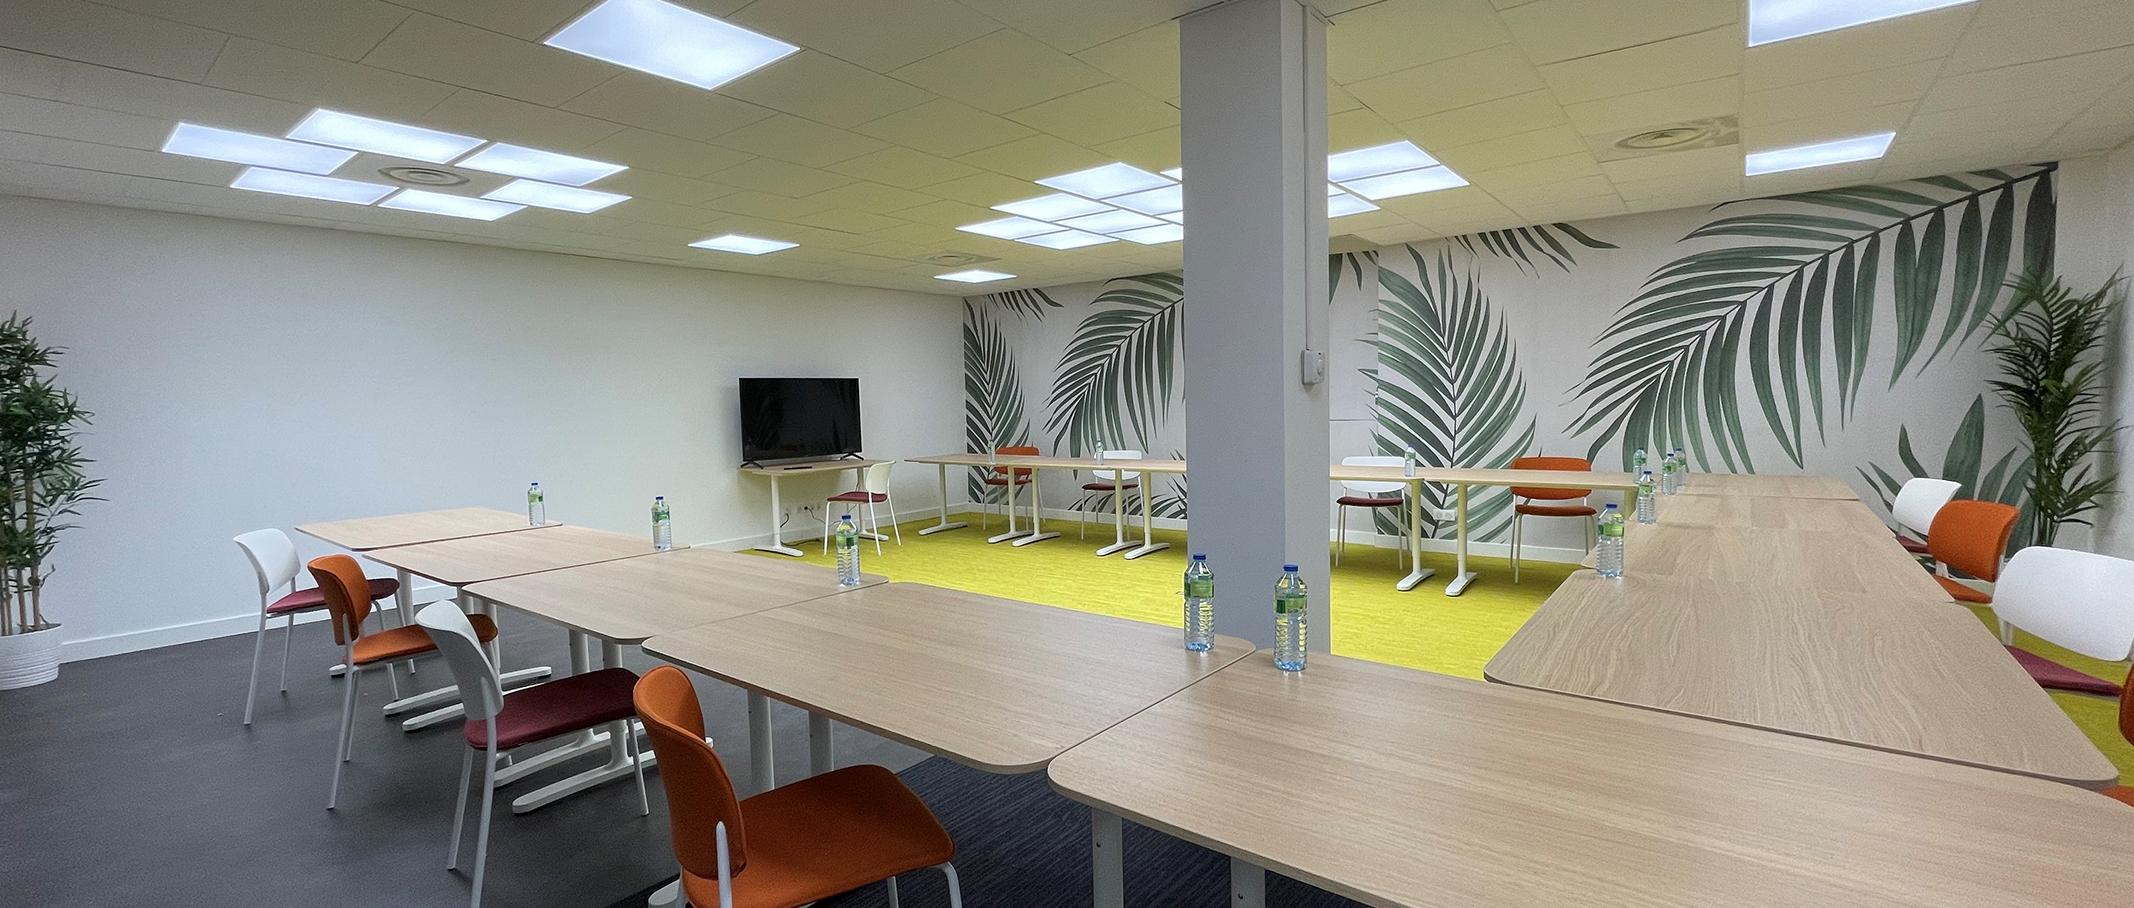 Location d'une salle de réunions à Aix-en-Provence - Salle de réunion grande capacité